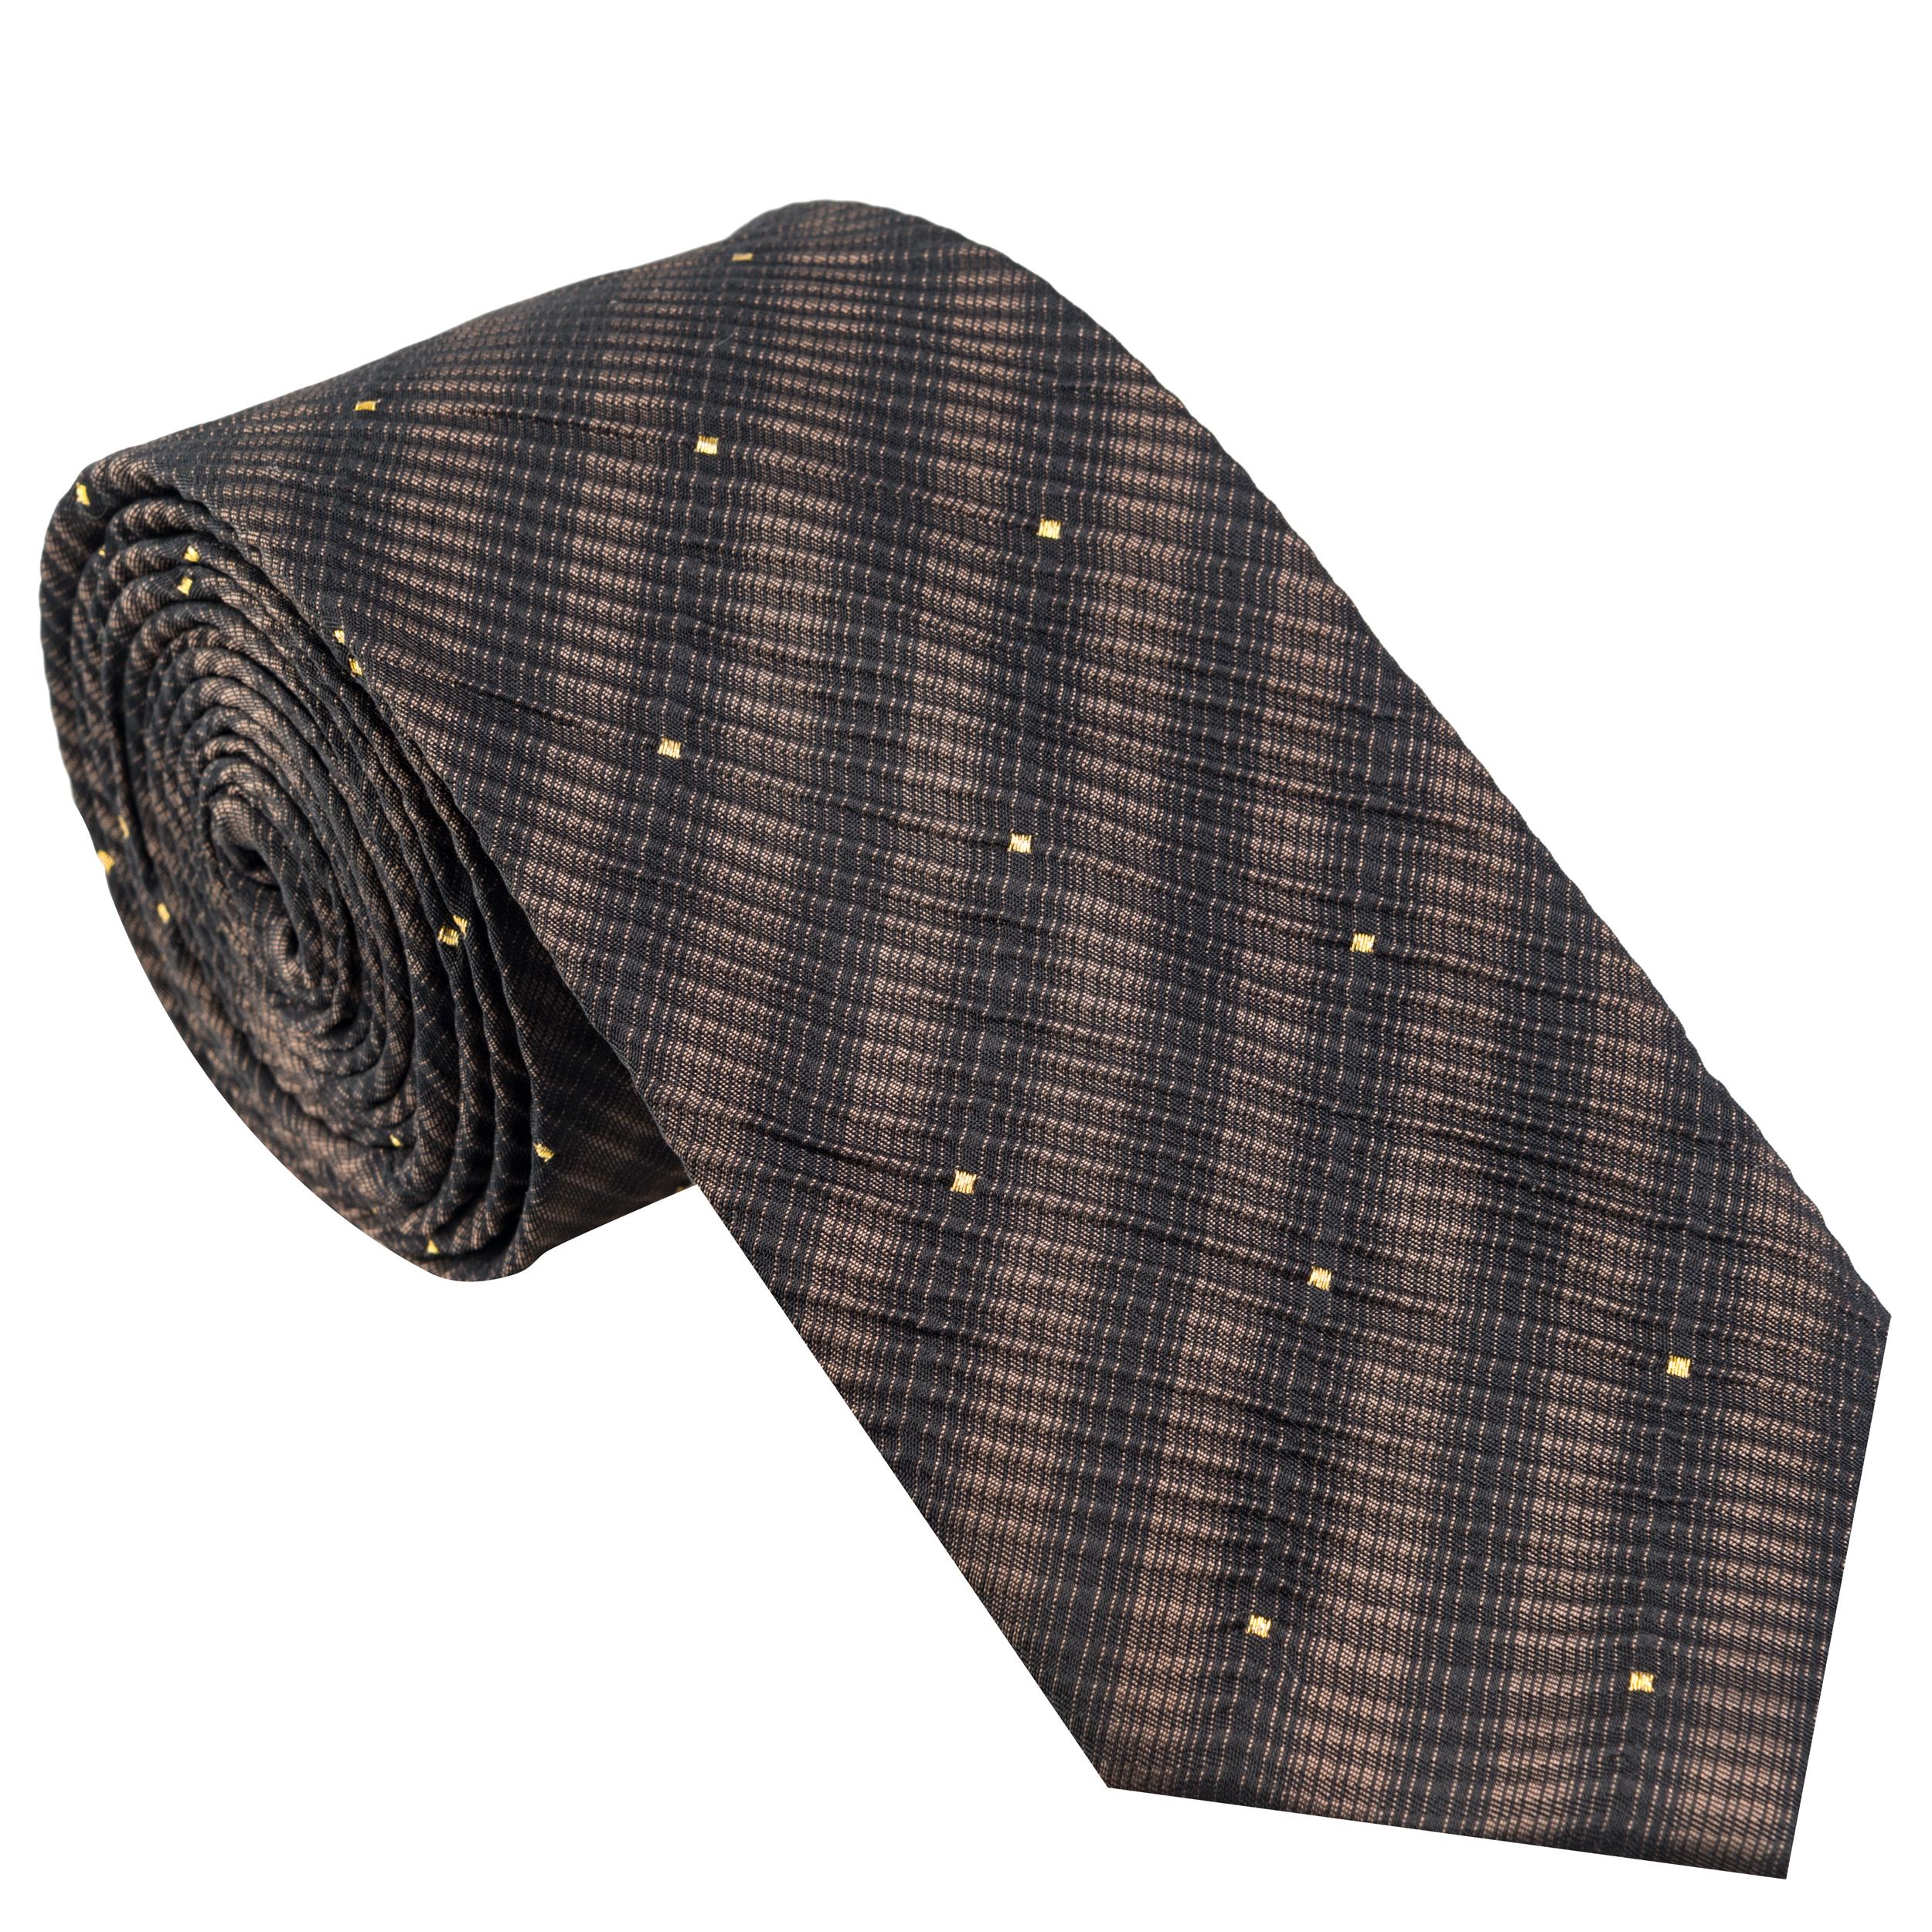 کراوات مردانه جیان فرانکو روسی مدل GF-PO516-BR